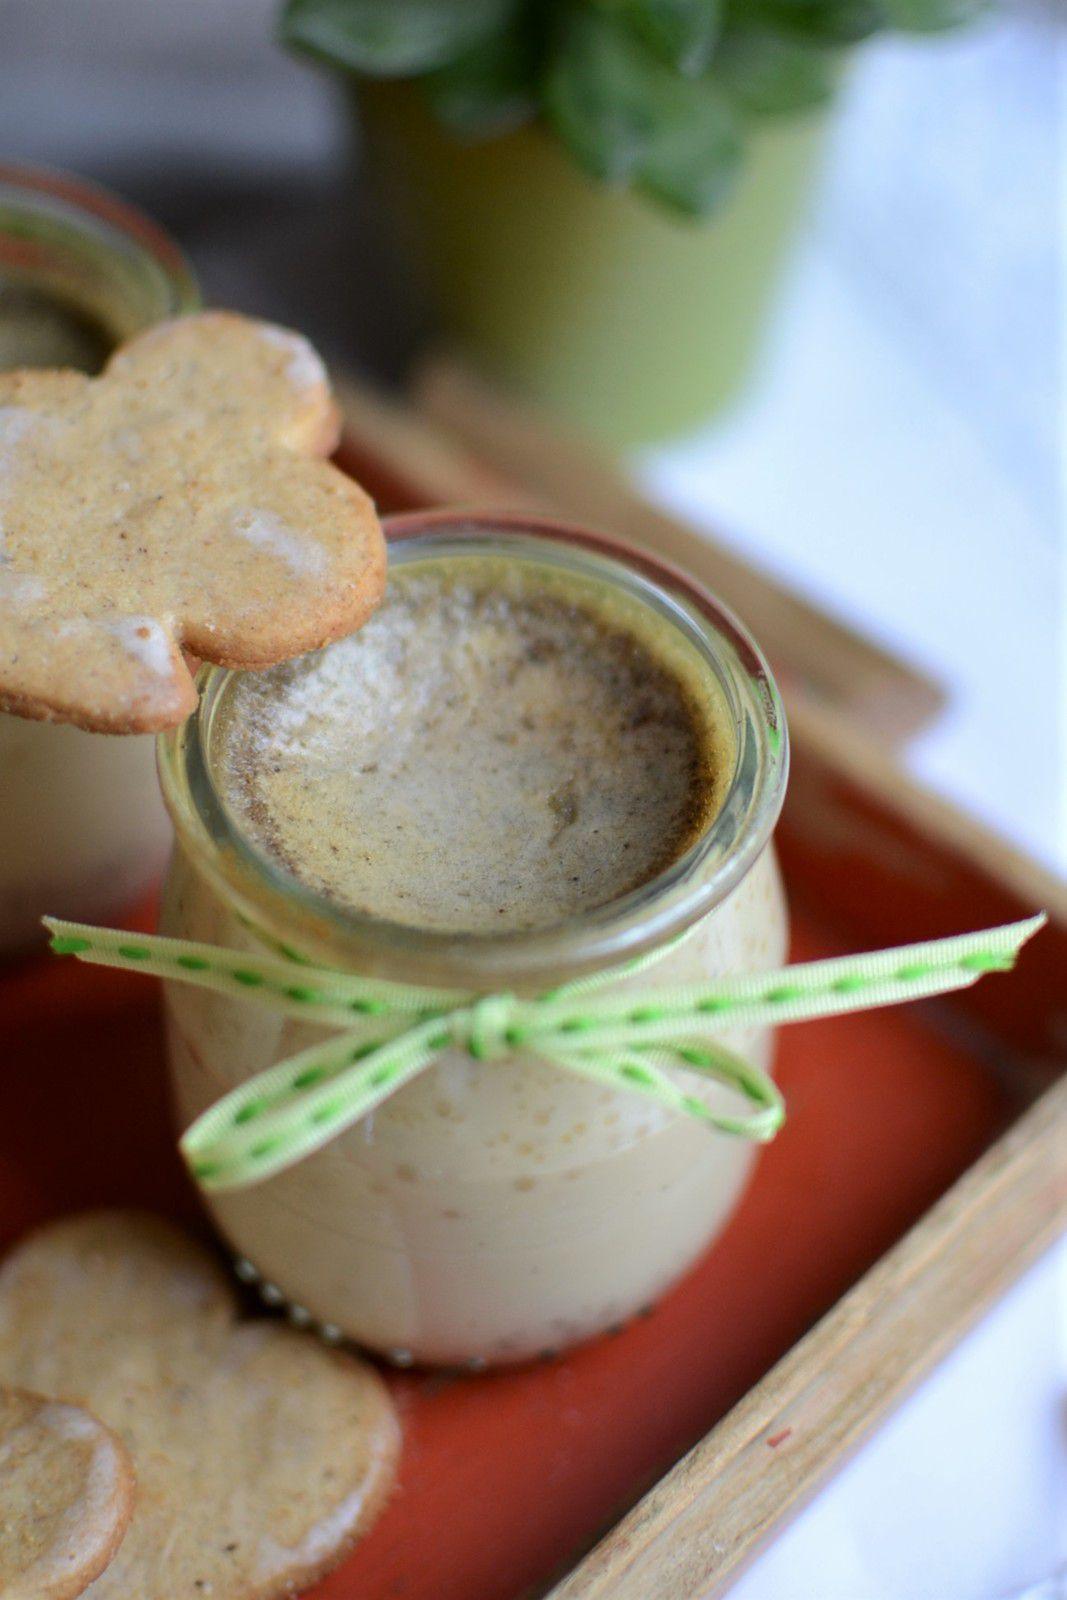 Petits pots de crème aux oeufs biscuits sablés Fortwenger #partenariat